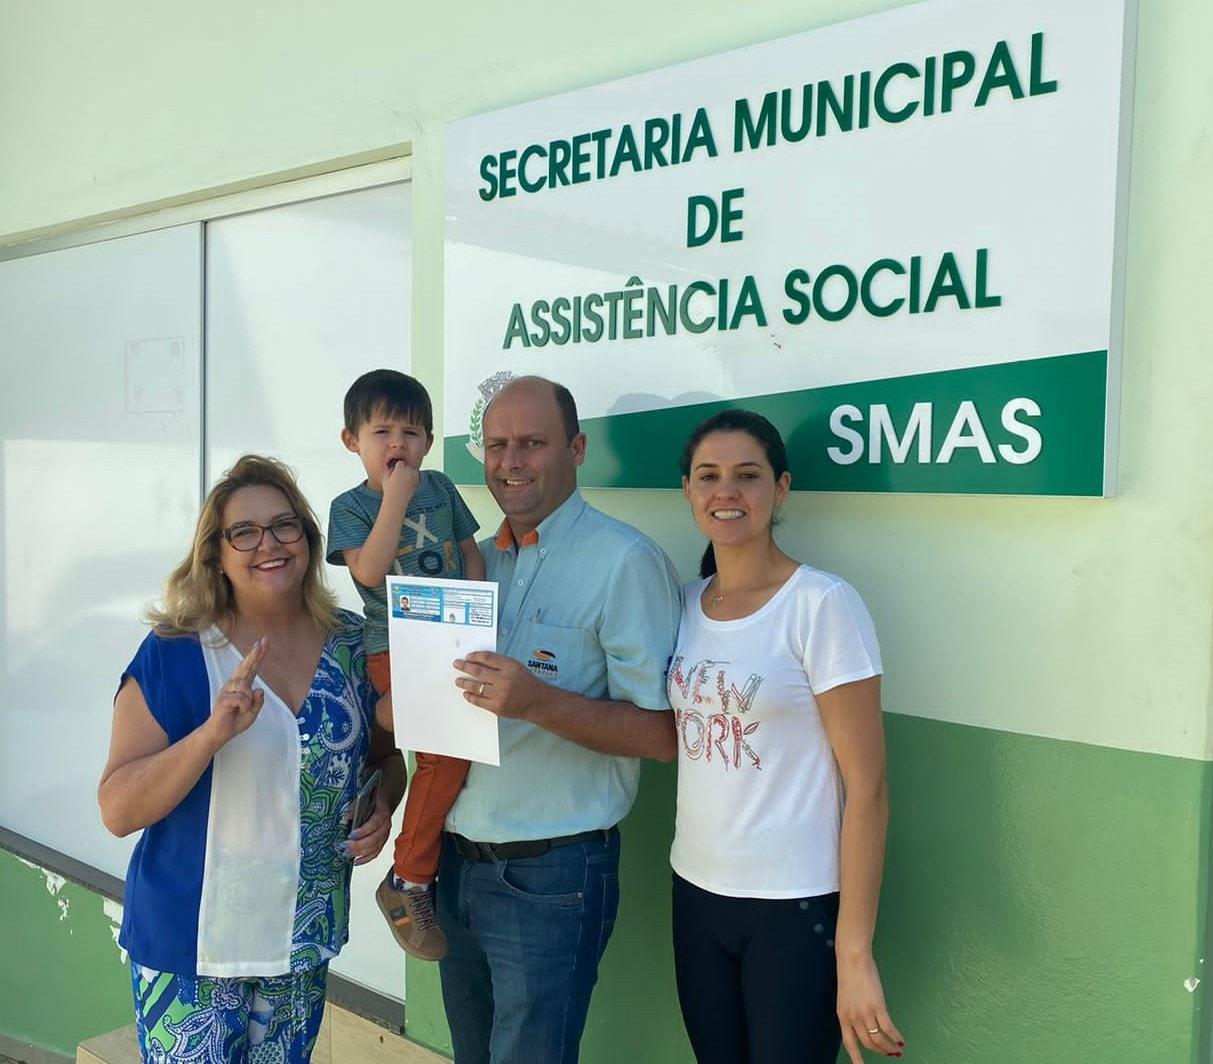 ASSISTÊNCIA SOCIAL ESTÁ EMITINDO CARTEIRA DE IDENTIFICAÇÃO DA PESSOA COM TRANSTORNO DO ESPECTRO AUTISTA